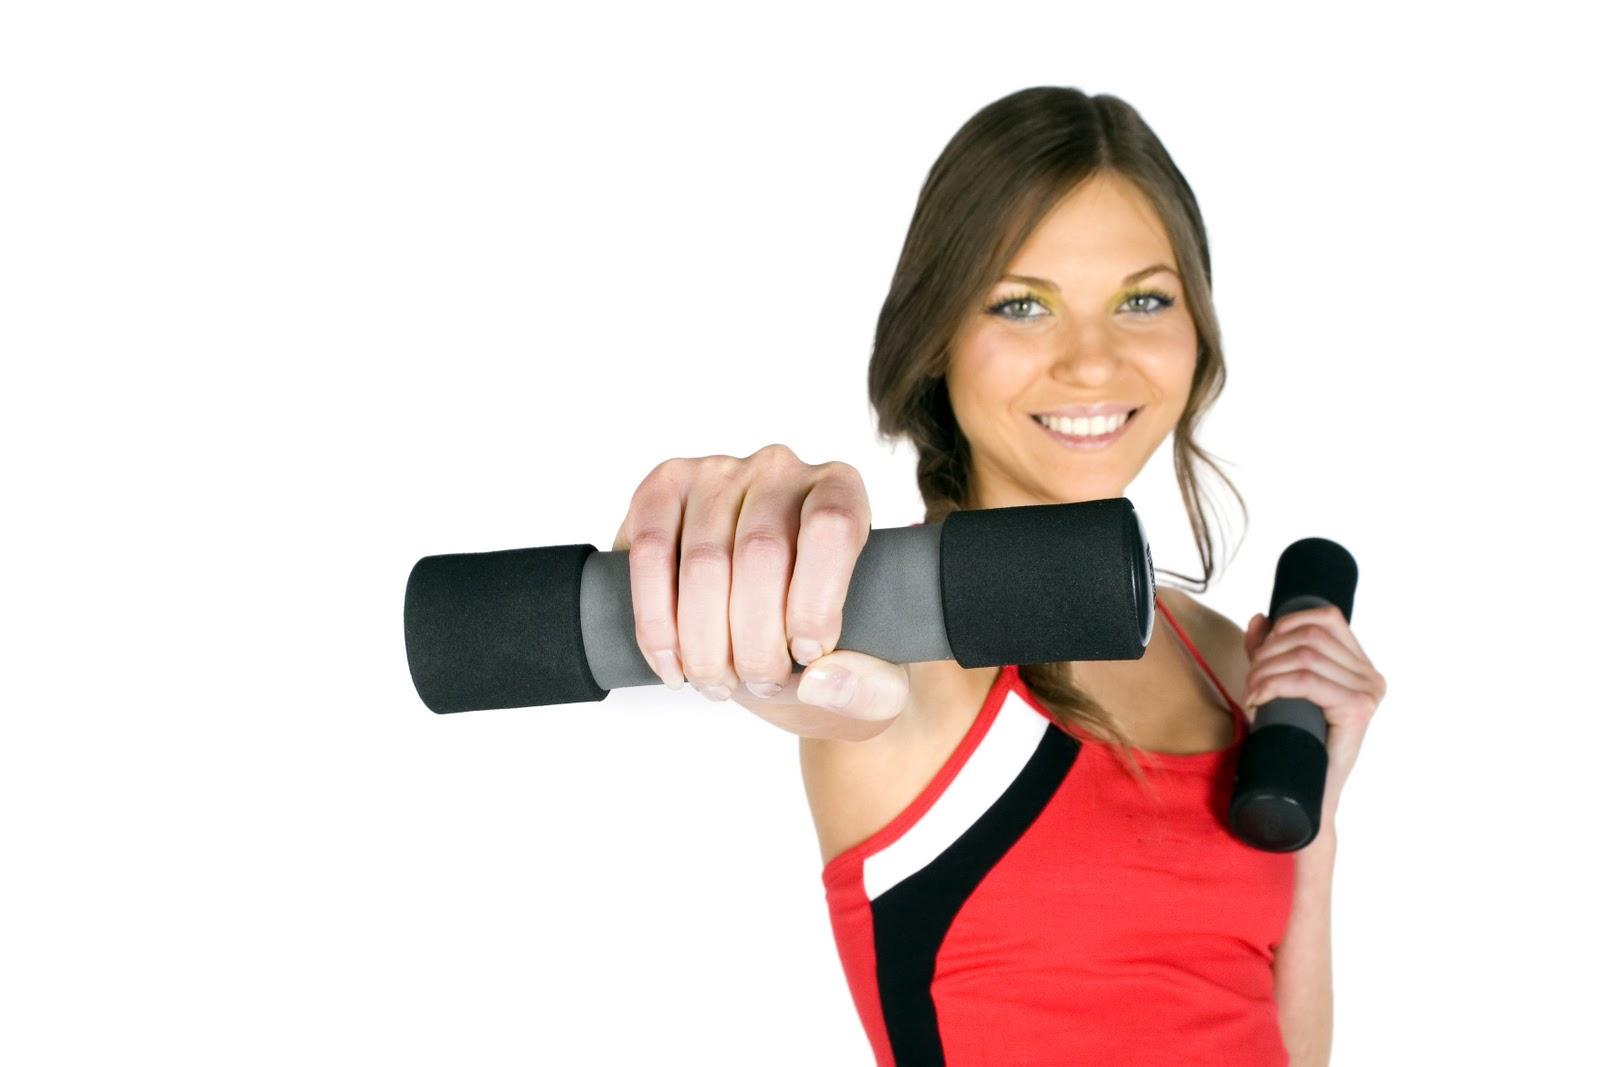 corsi-ginnastica-per-adulti-foligno